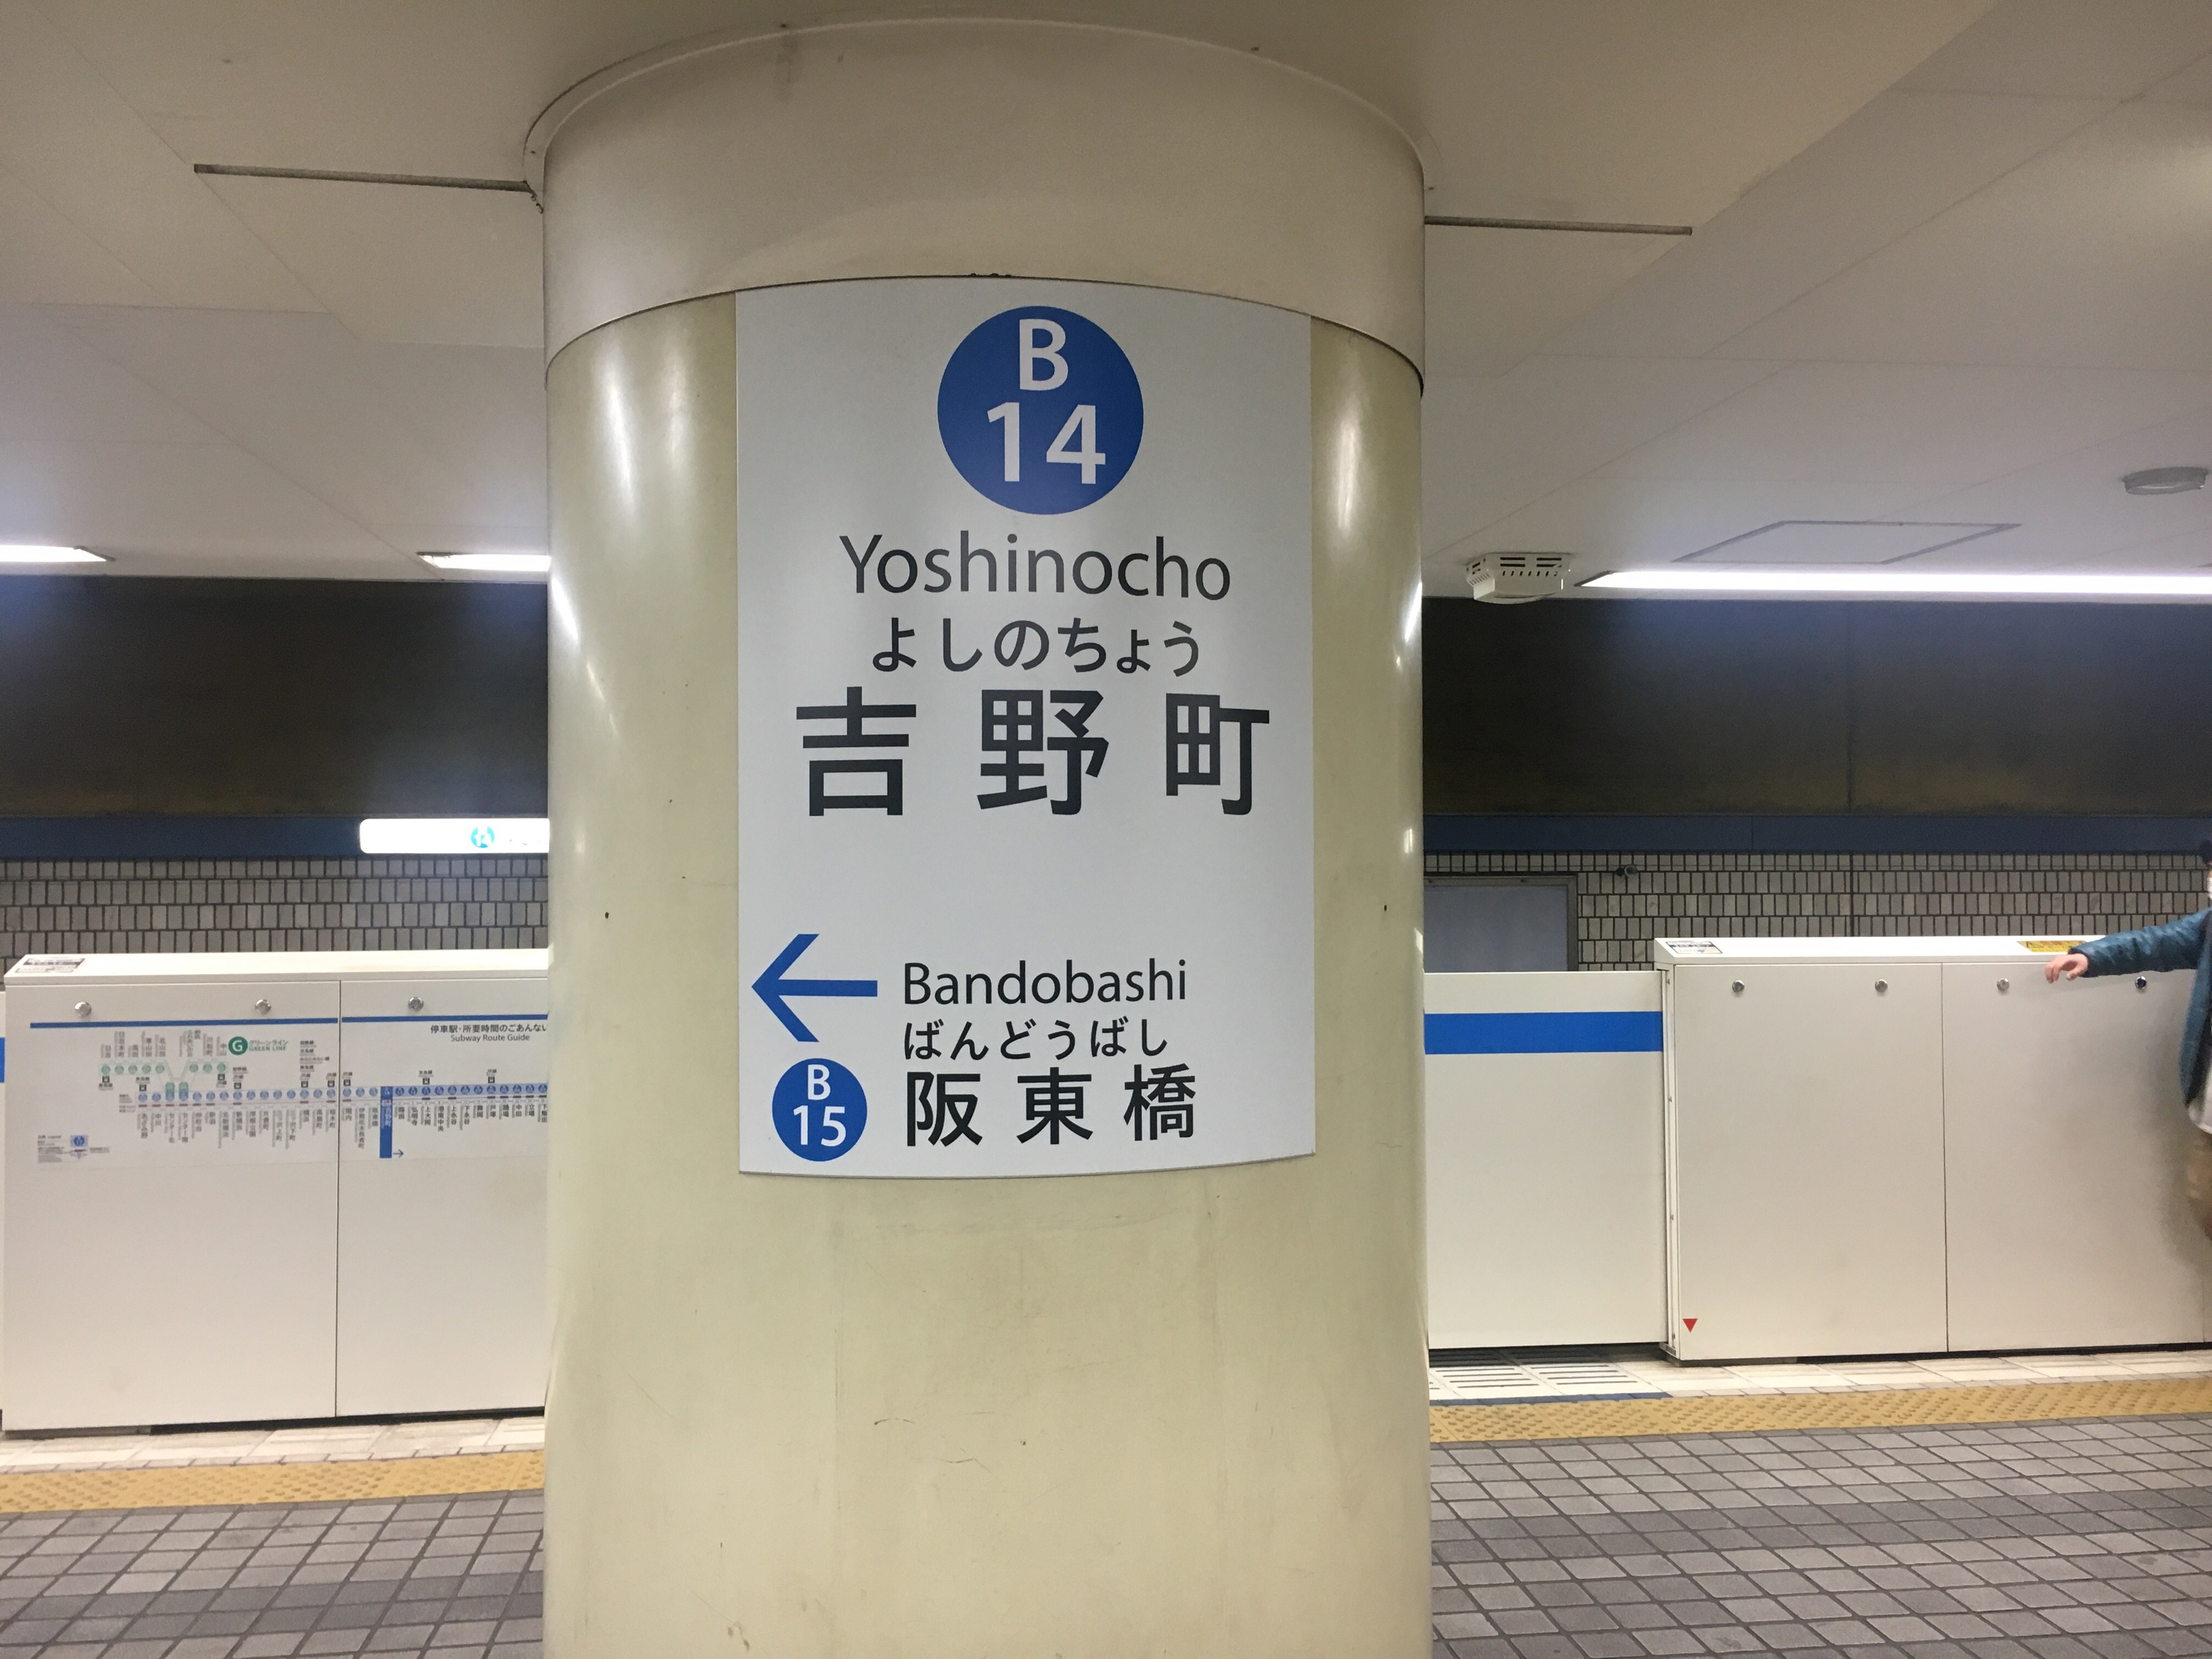 横浜市営地下鉄の吉野町駅